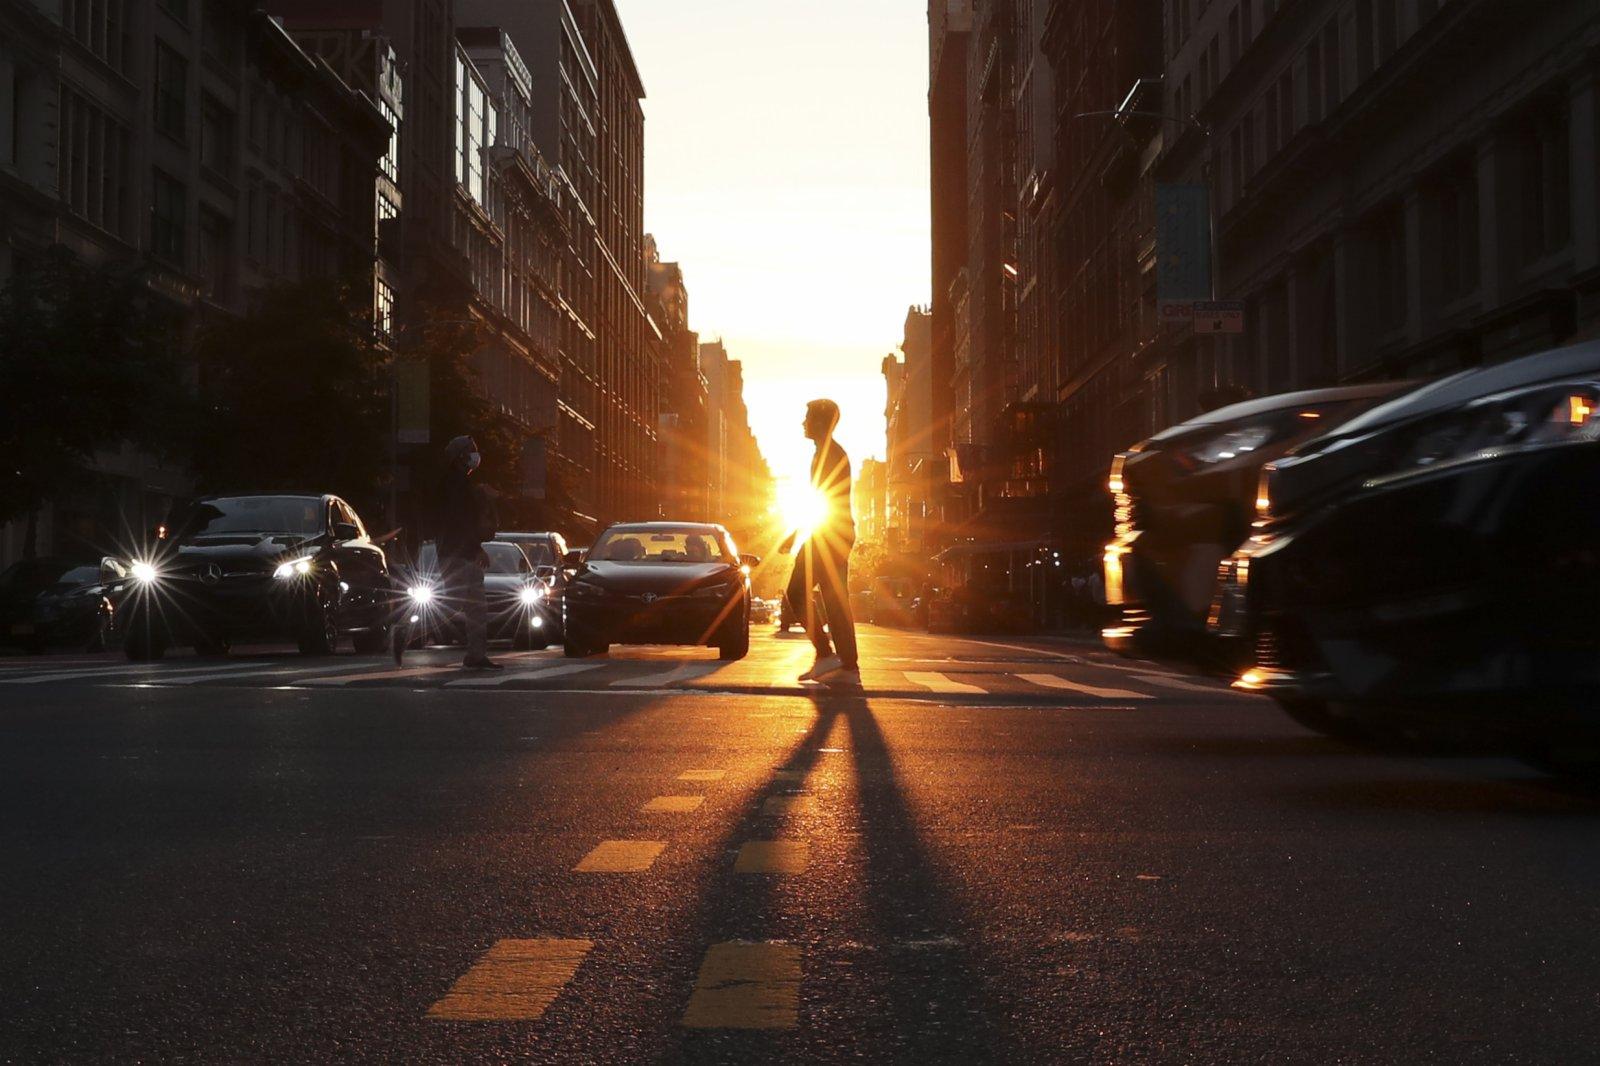 當地時間4日傍晚,接近地平線的太陽出現在紐約曼哈頓東西向街道盡頭,陽光在此刻貫穿整條街道照射在紐約客的身上。